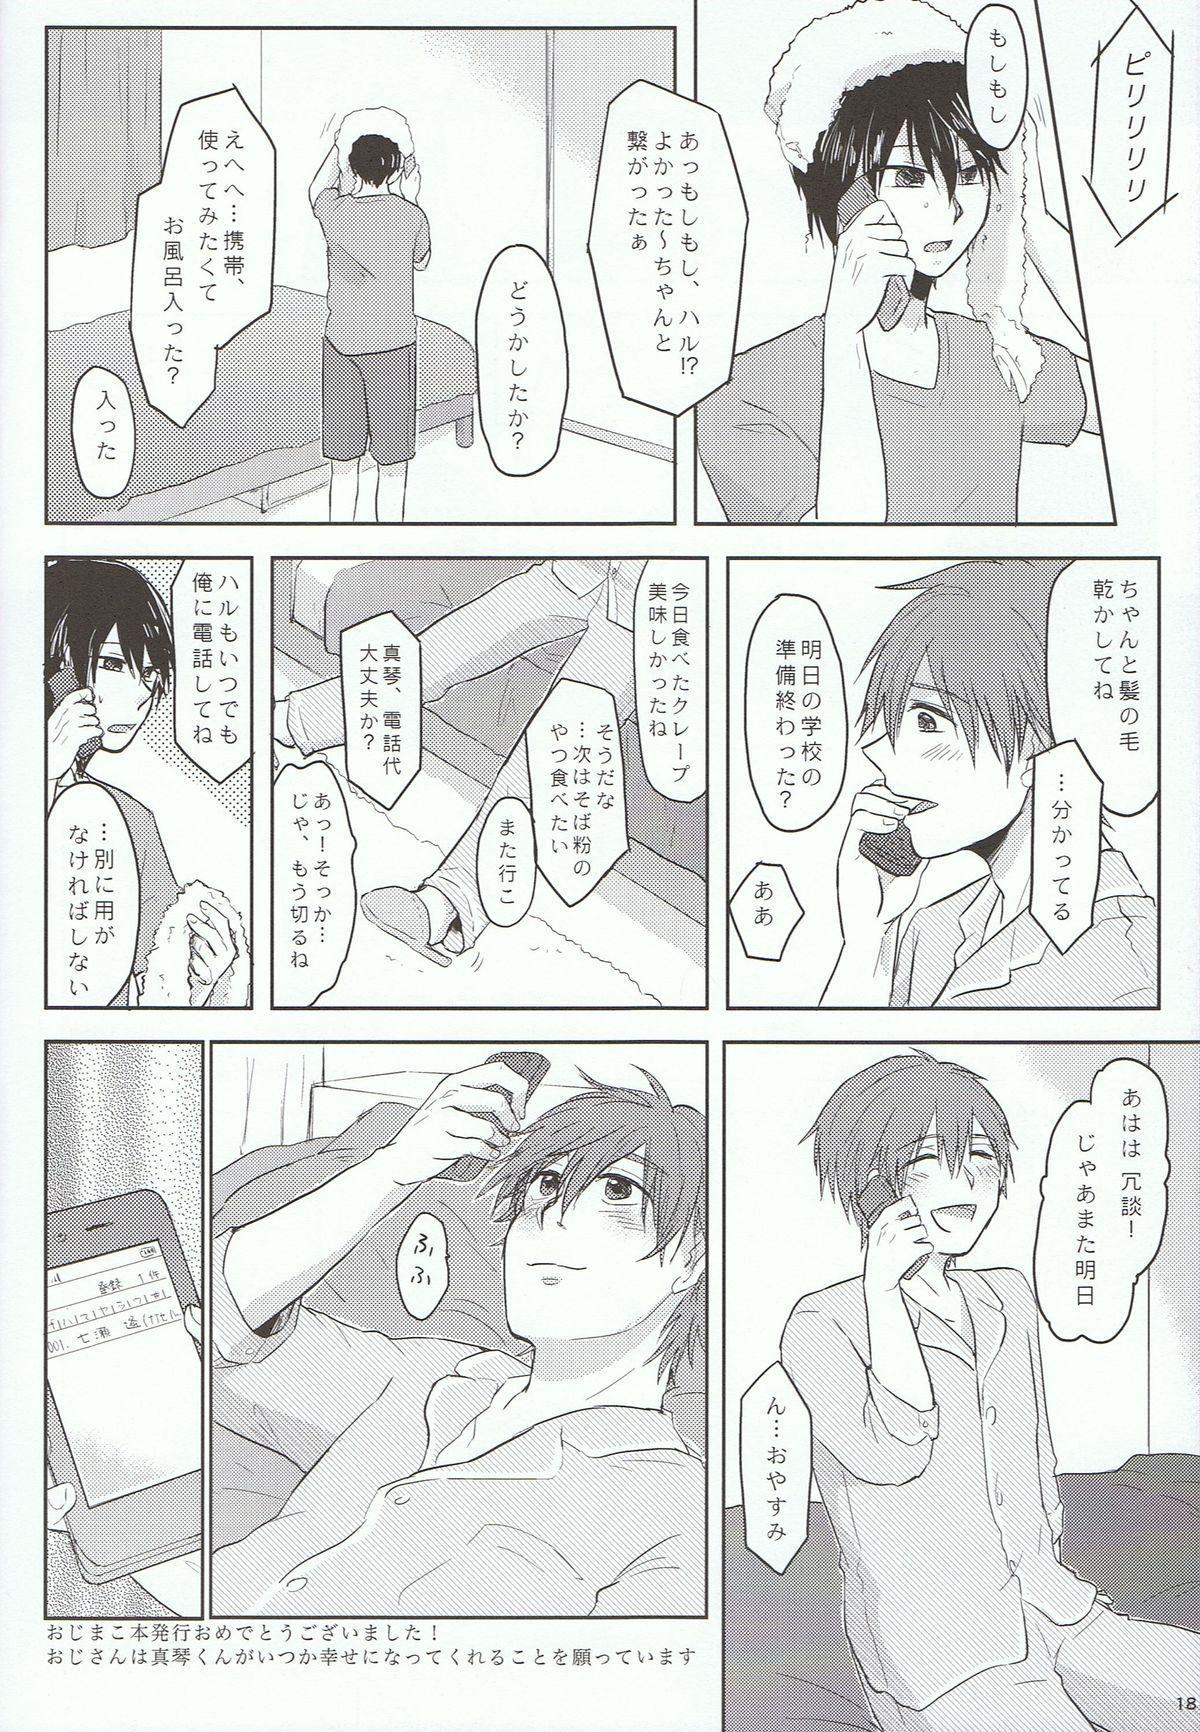 Moshi moshi, Haru-chan? 16